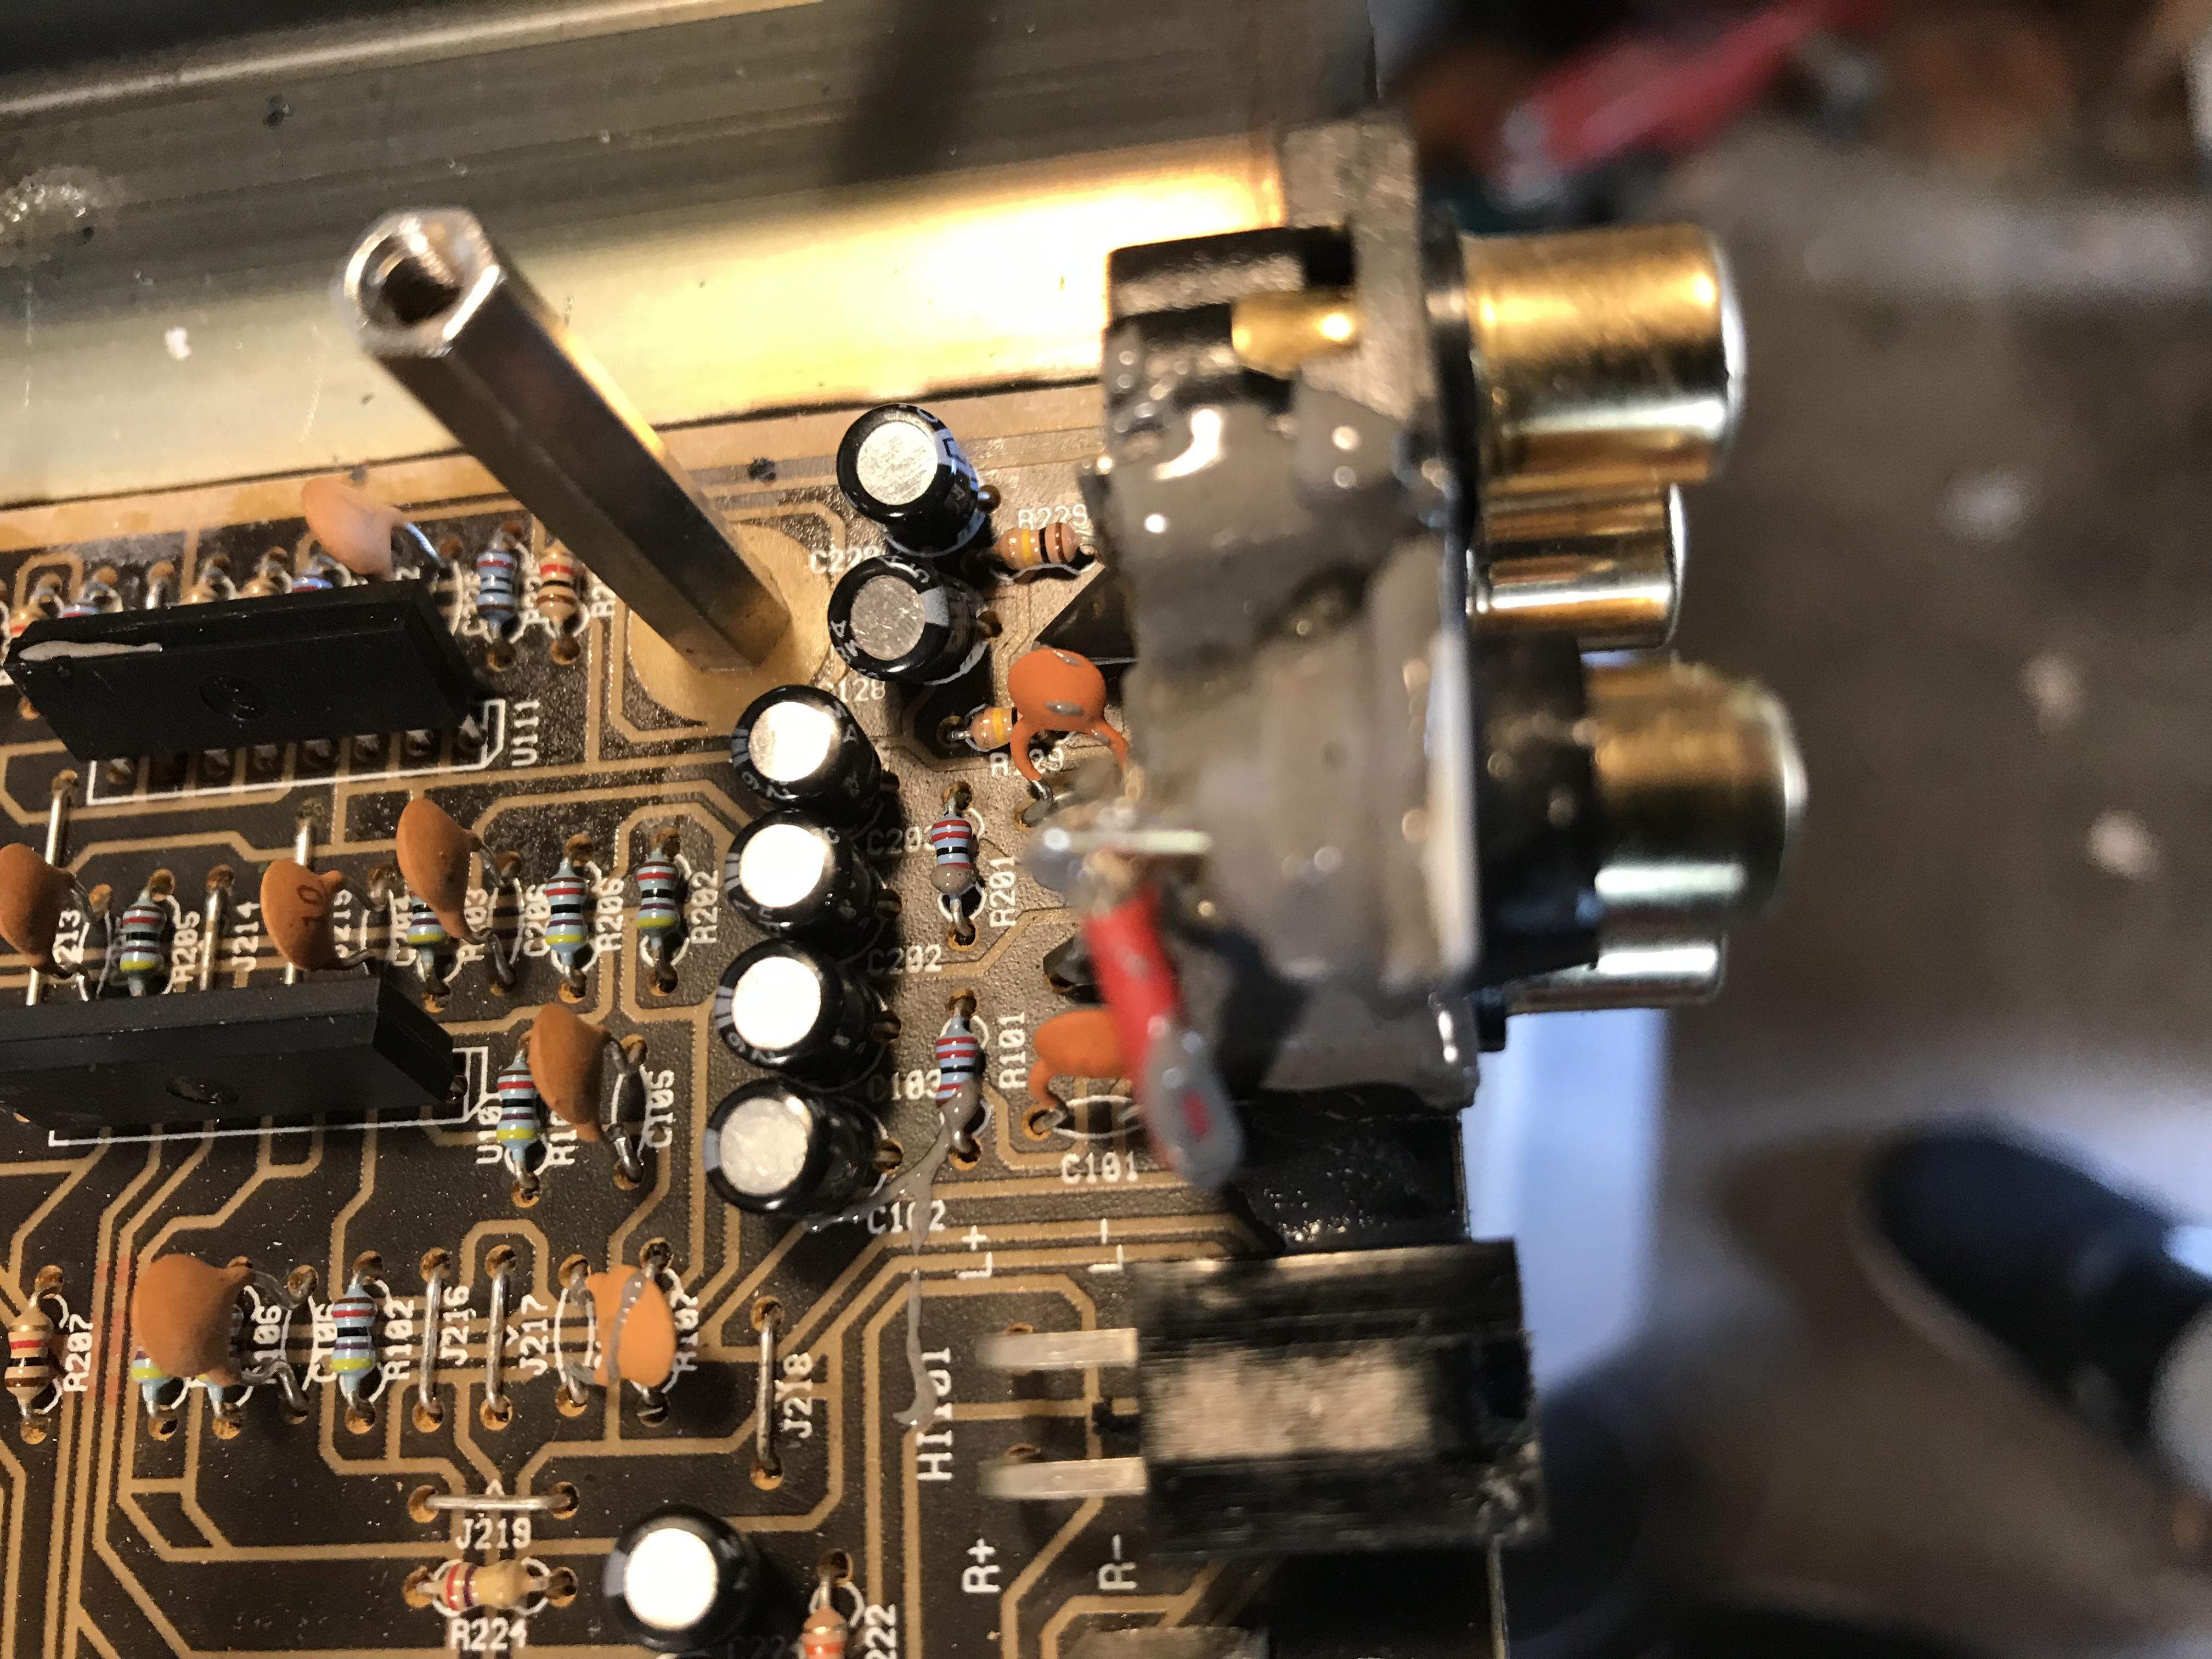 905E58E5-3CAF-4956-849B-6FF802E3B8C1.jpeg